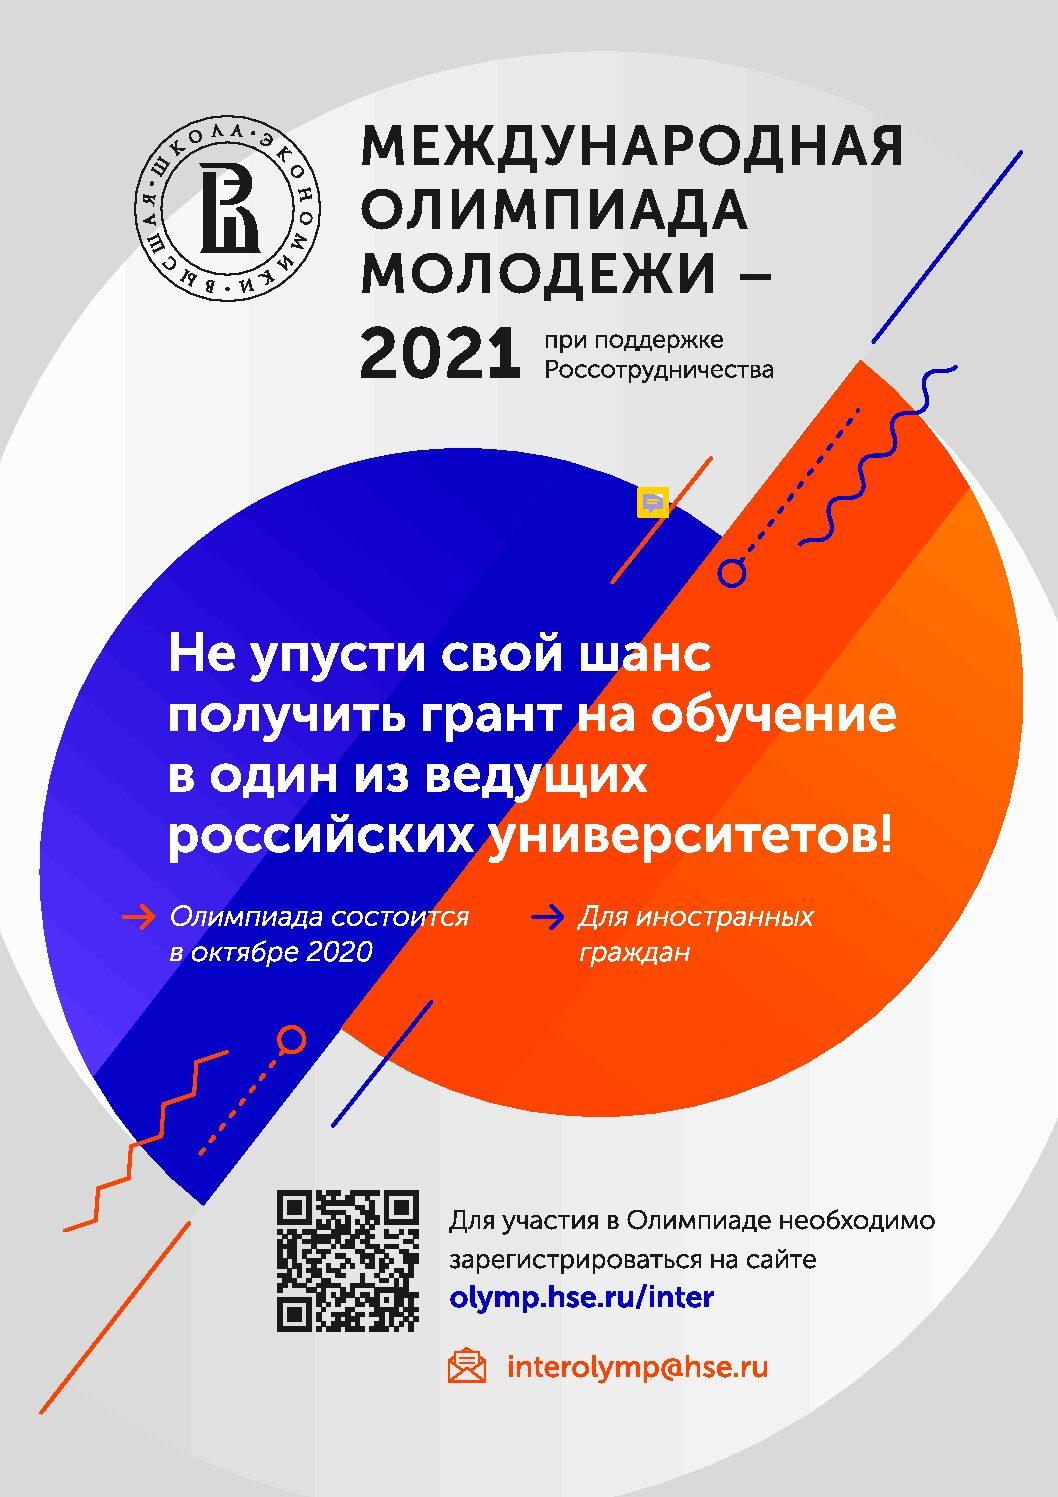 Výzkumná národní univerzita (Vysoká škola ekonomická) zve k účasti na Mezinárodní olympiádě mládeže – 2021(МОМ-2021) cizince, kteří se chystají začít bakalářské studium.